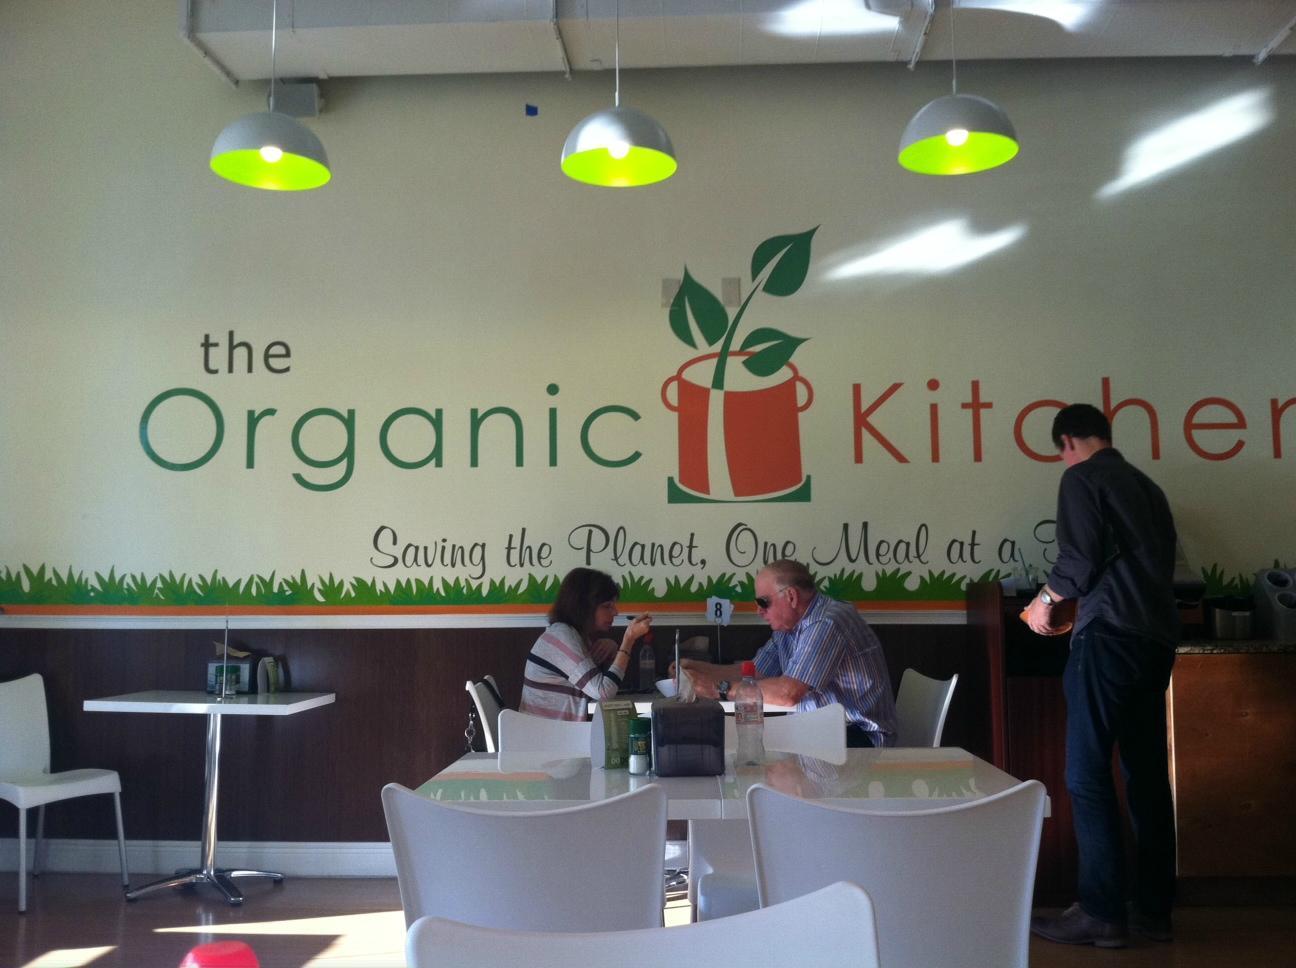 the organic kitchen, boynton beach - restaurant reviews & photos